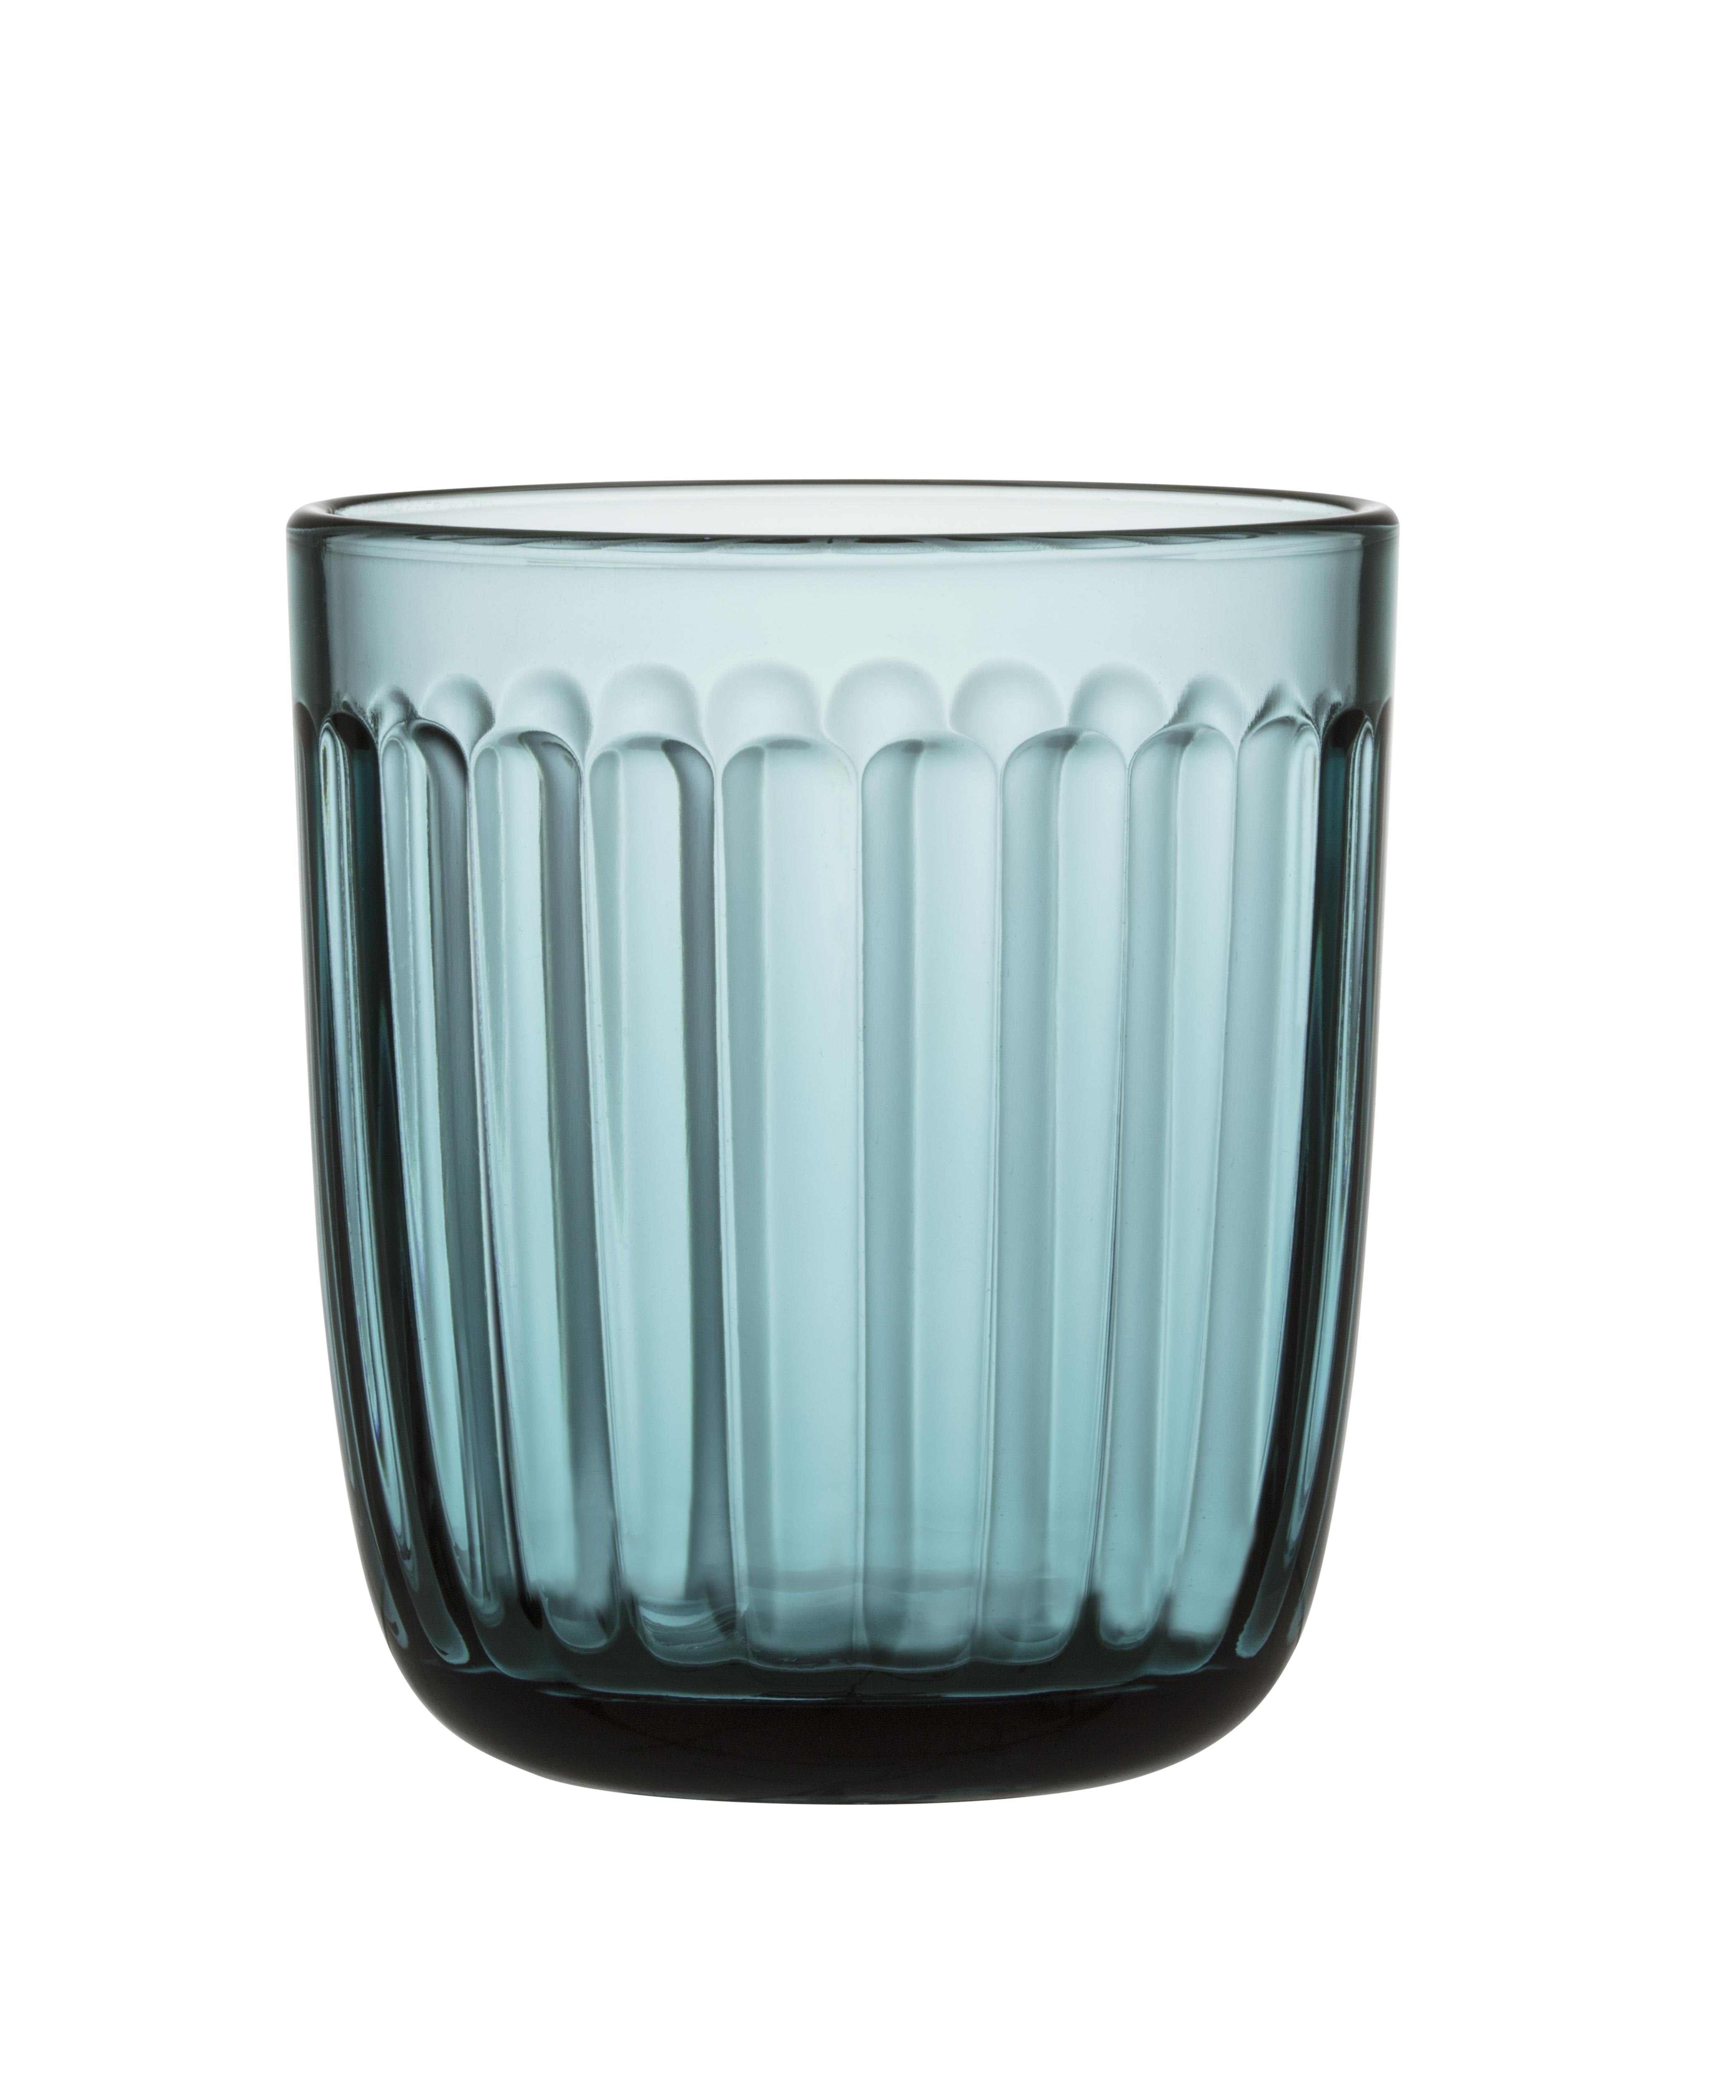 Iittala Raami glas, 260 ml, 2 stk